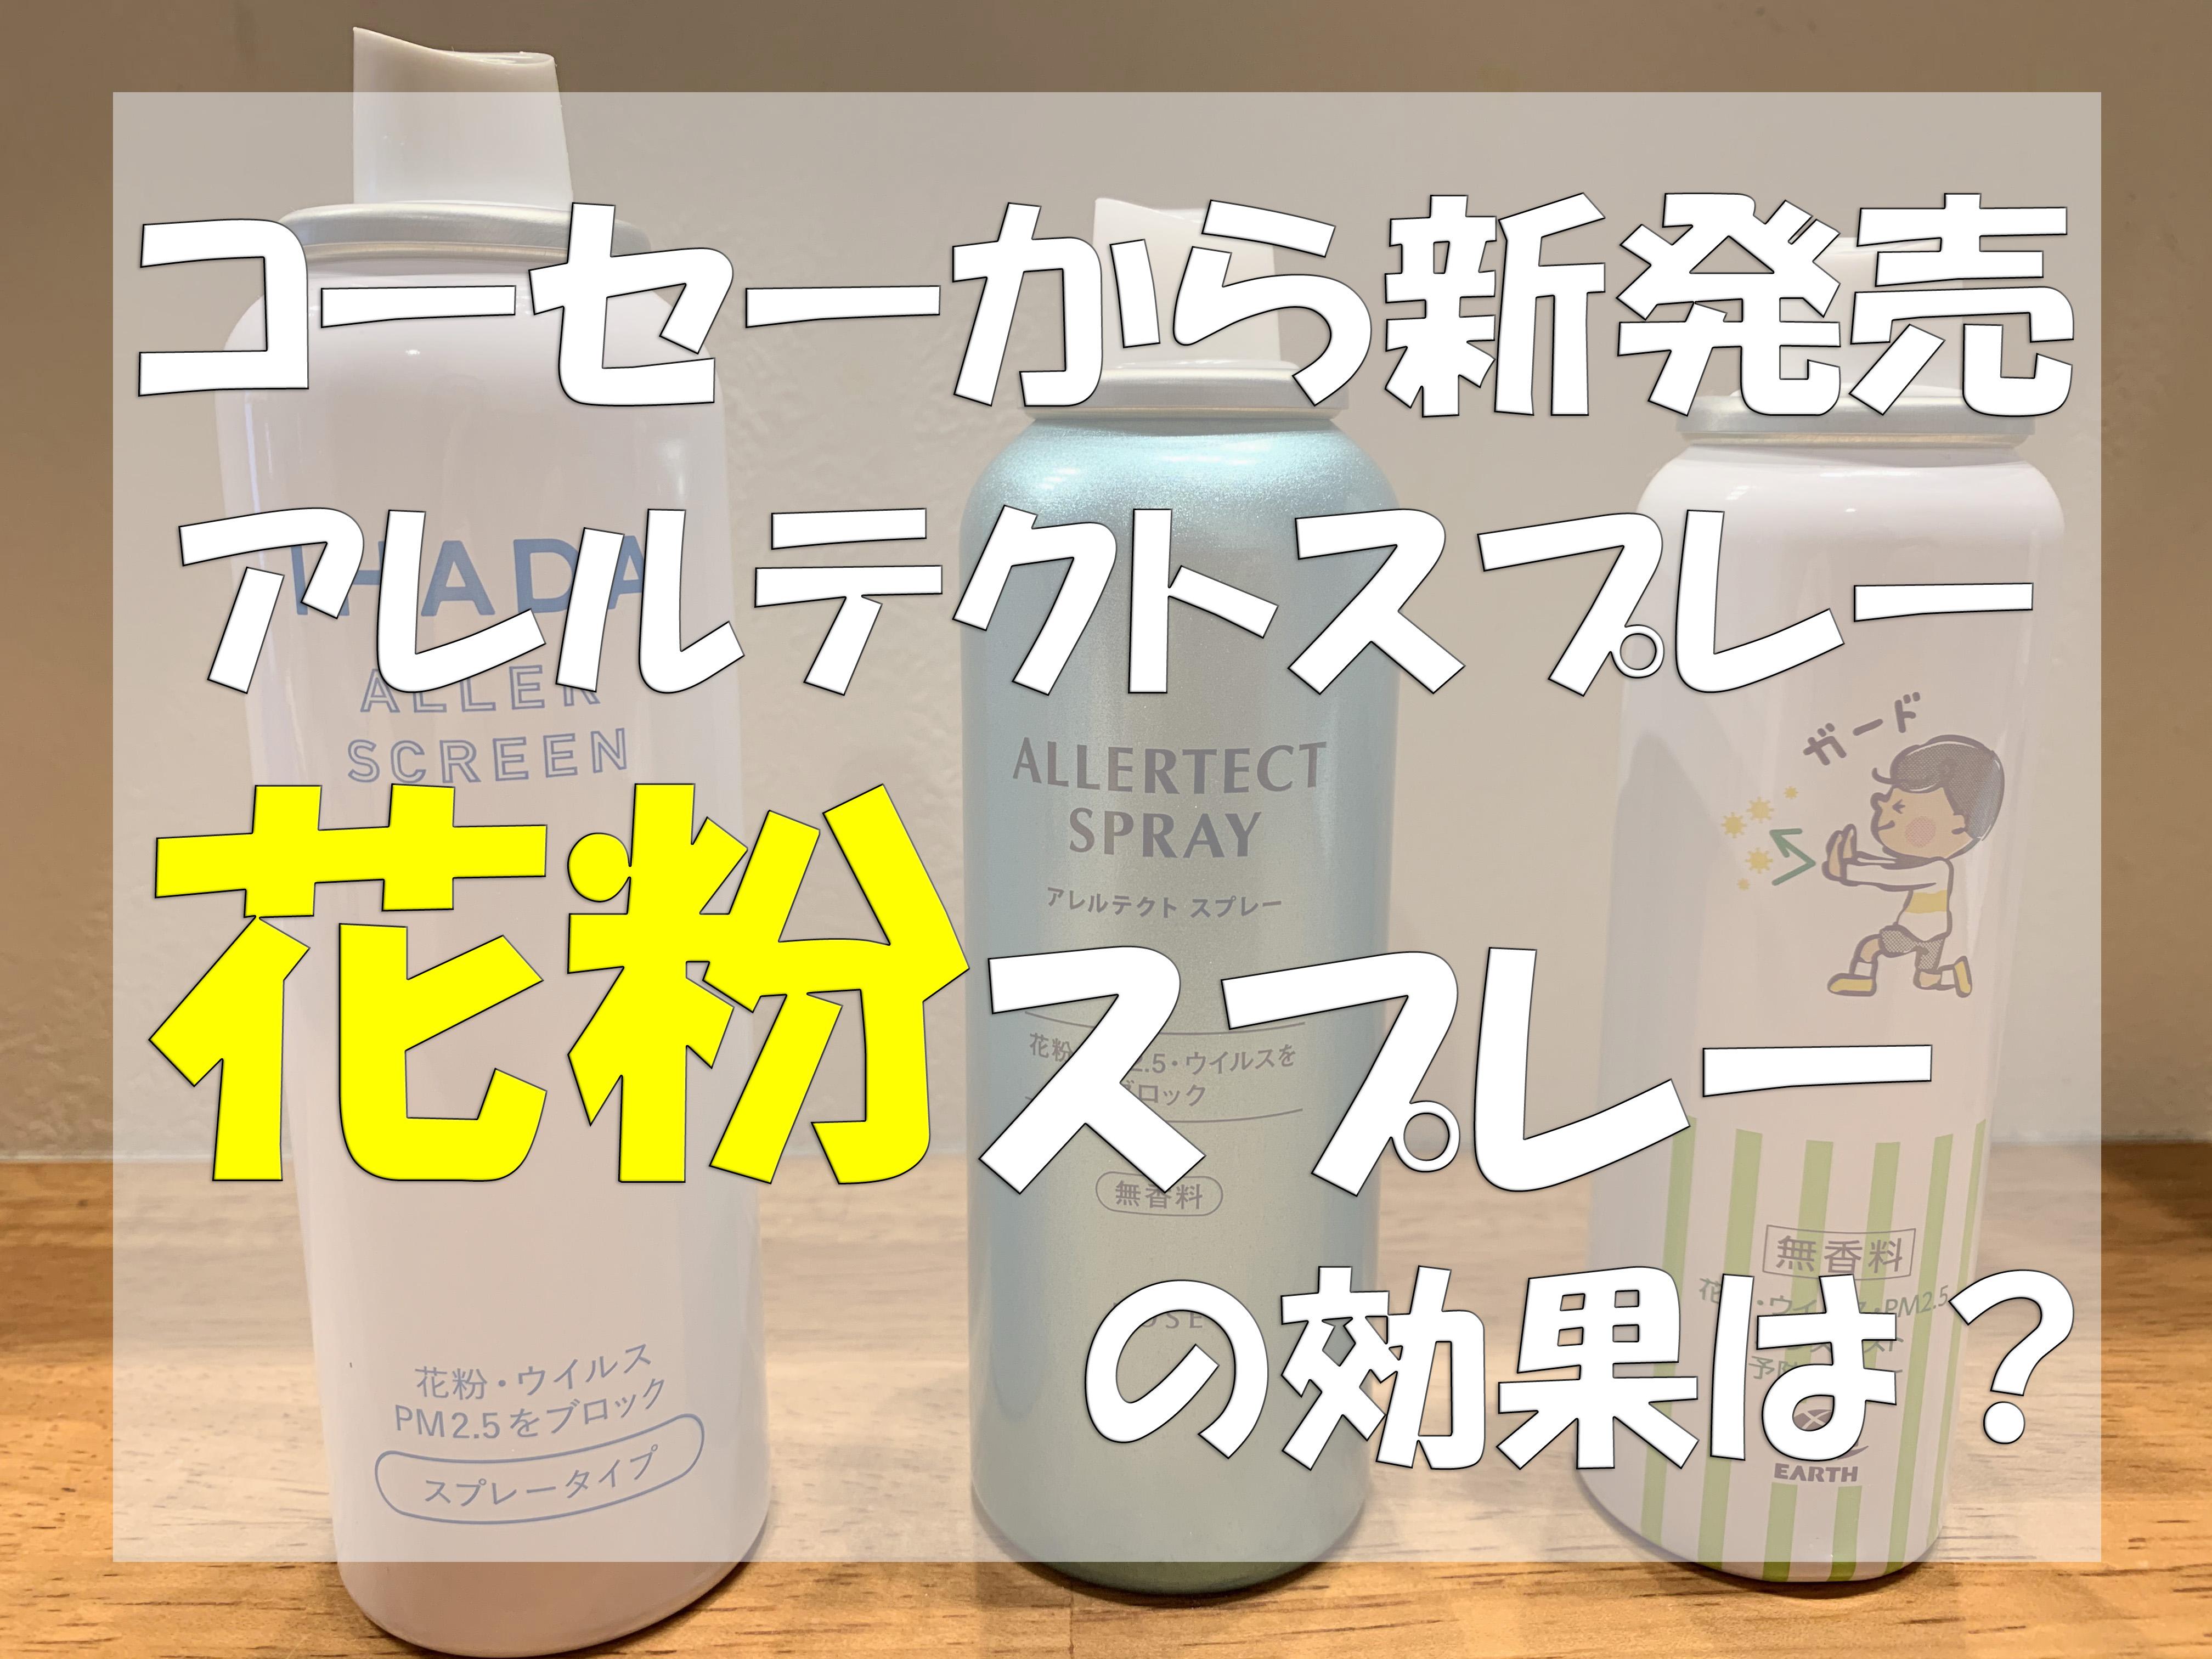 新発売花粉スプレーコーセーのアレルテクトスプレーを使ってみた感想